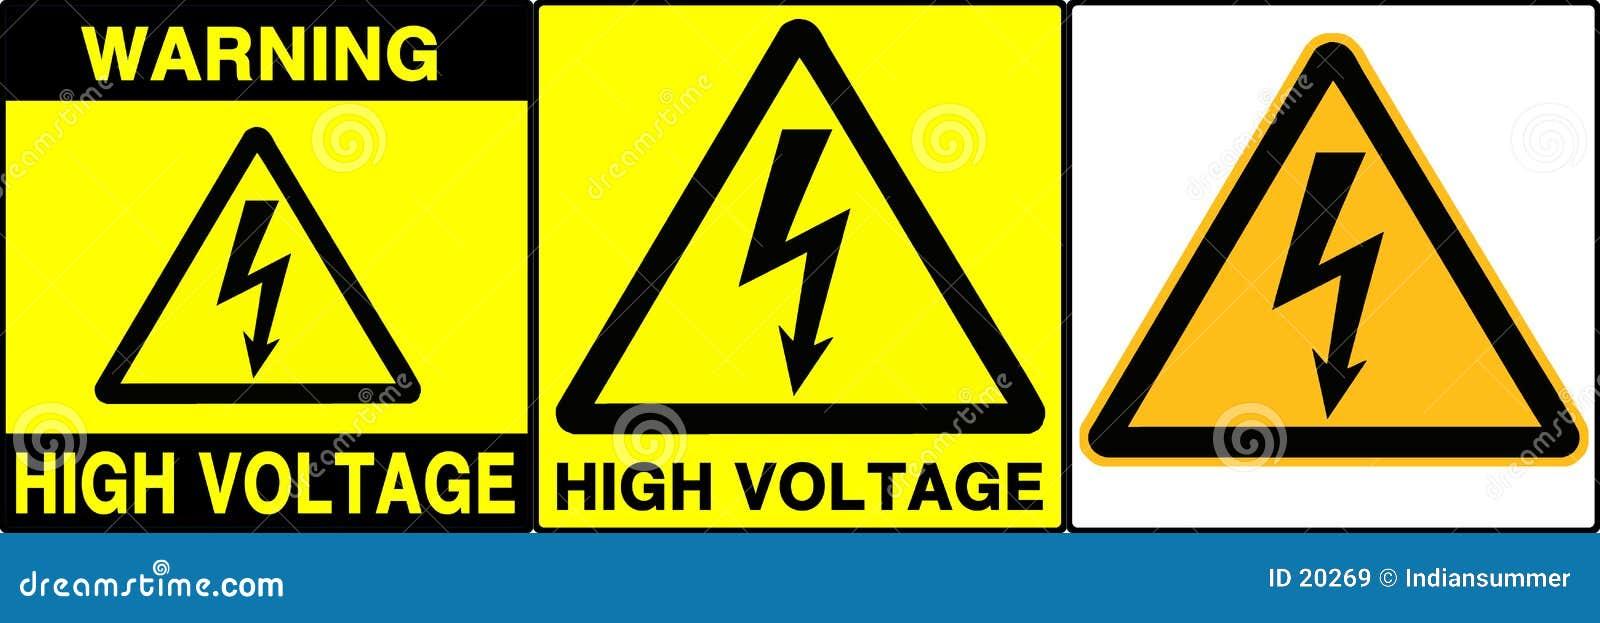 Iv zestaw ostrożności podpisany ostrzeżenie